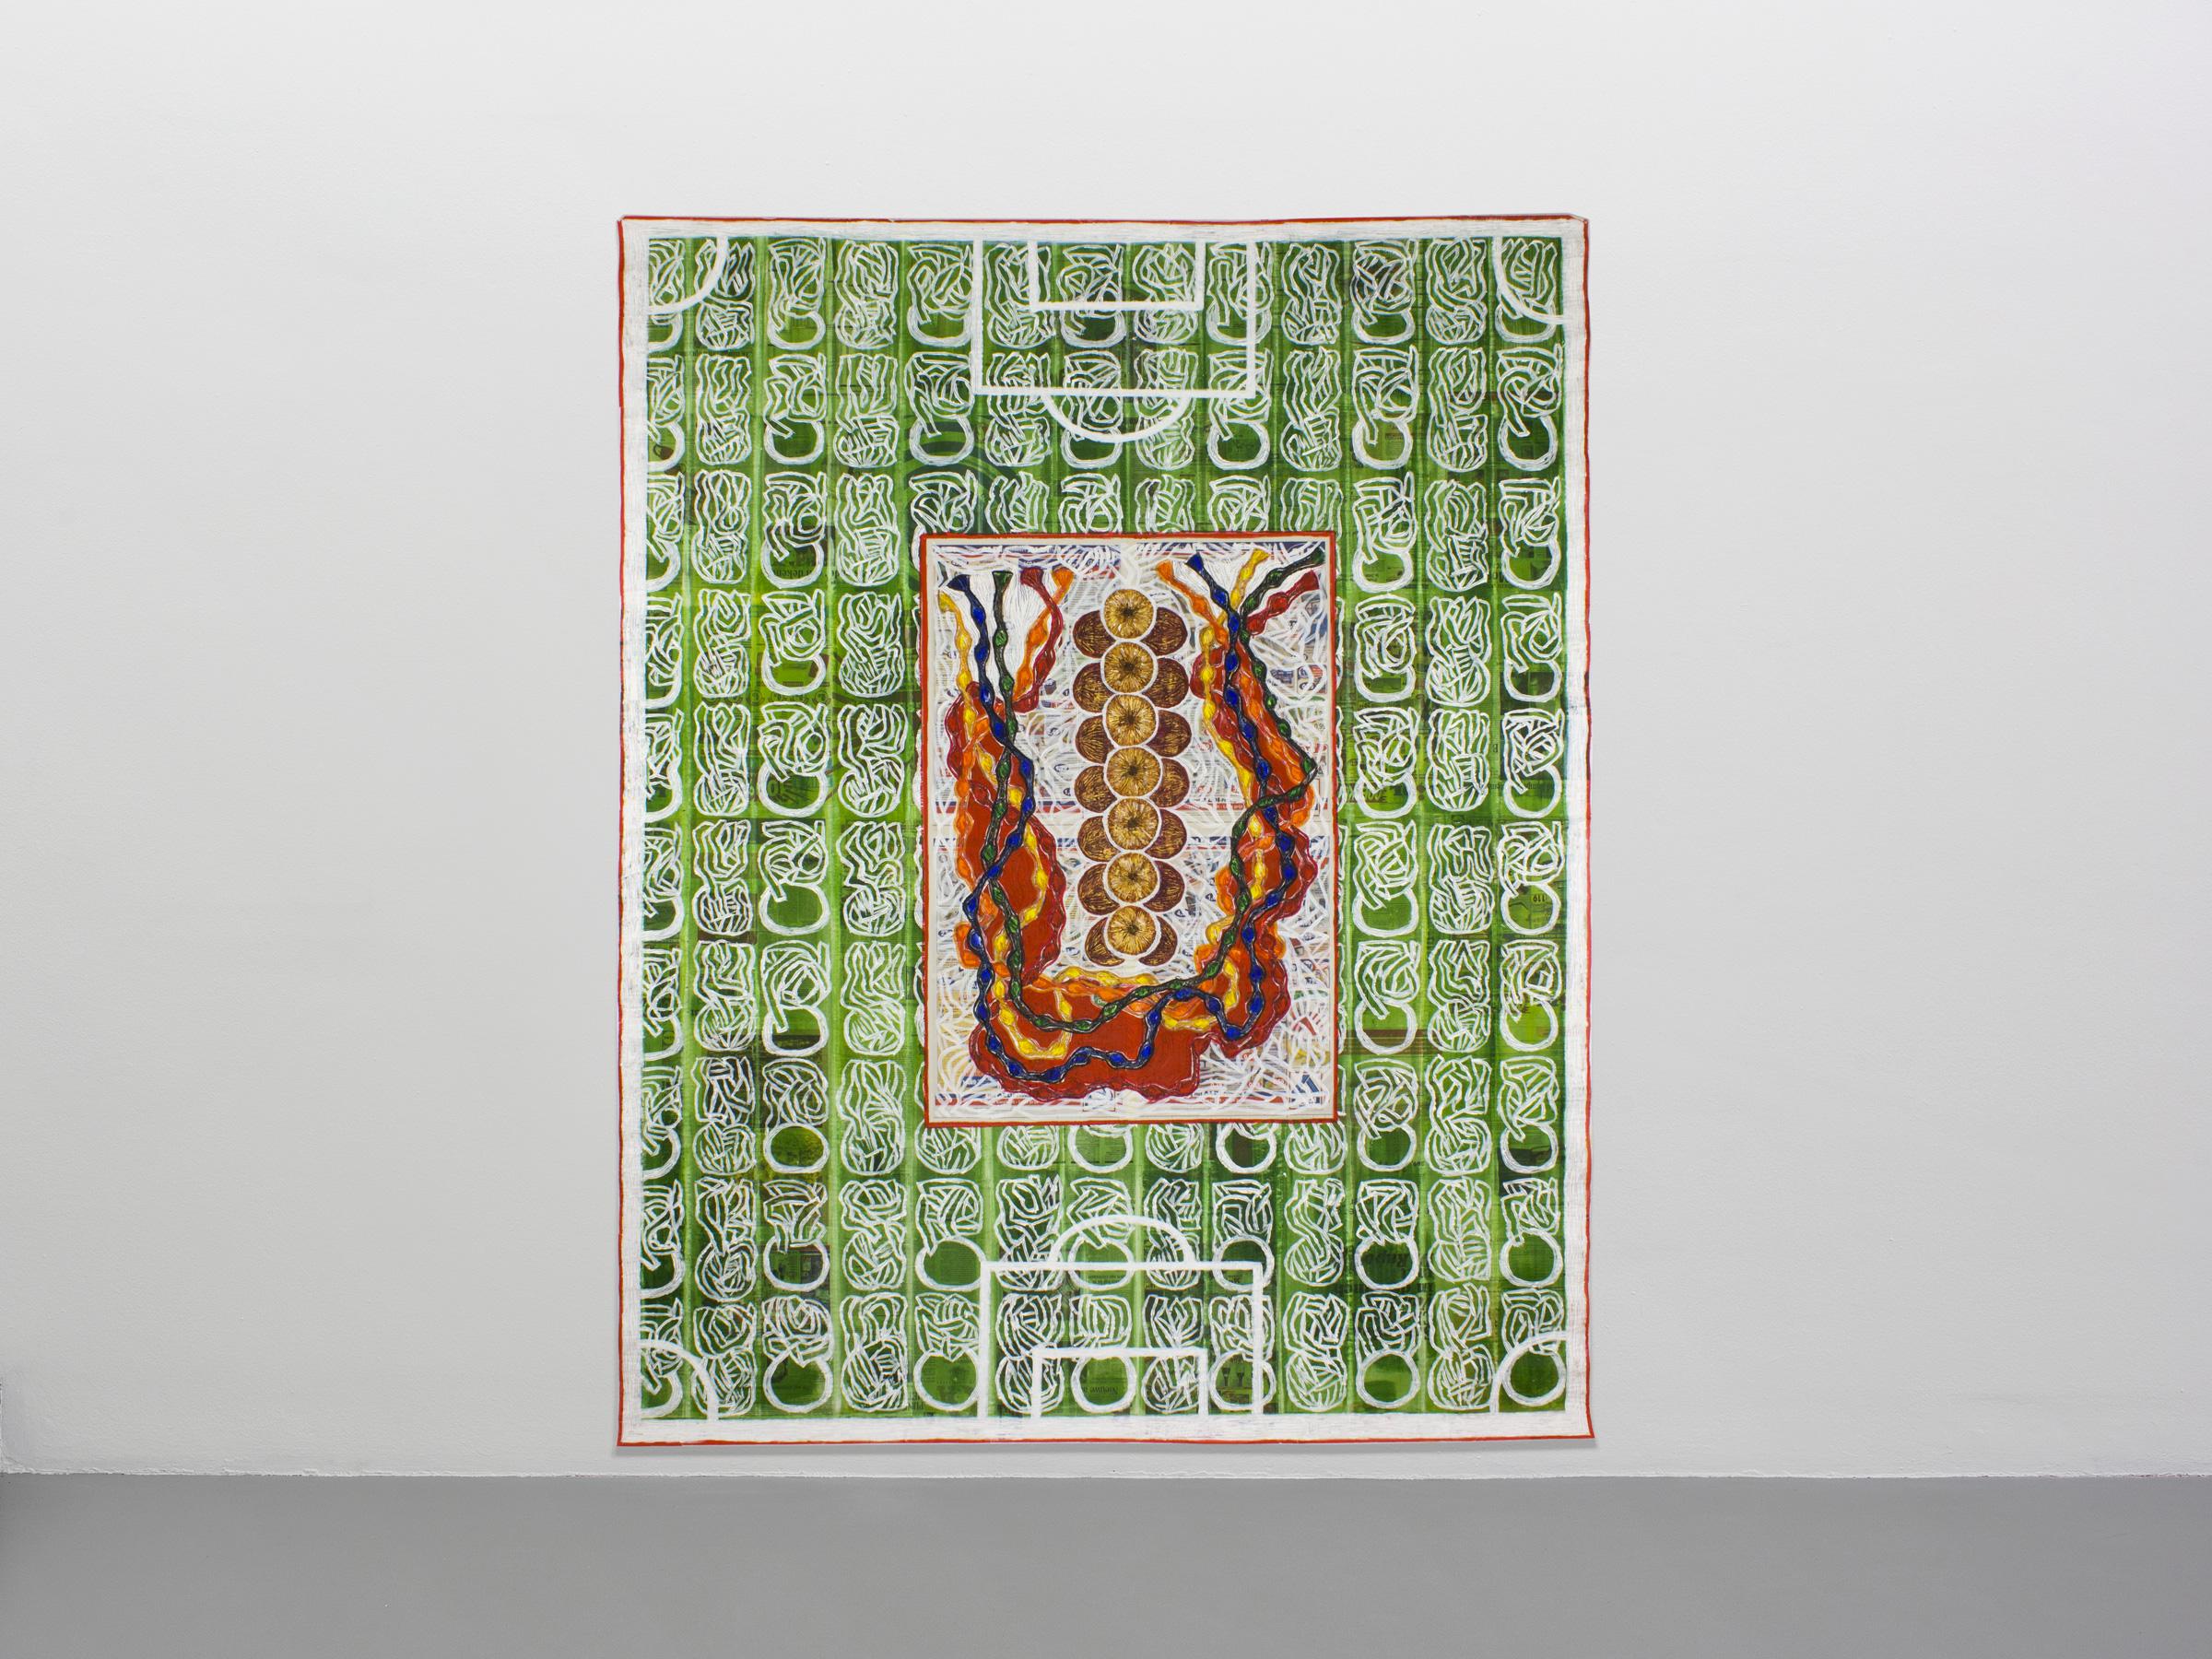 Berna – Festa della Cipolla (2007/8), 230 x 182 cm, acrylic on newspaper, inv. PH436